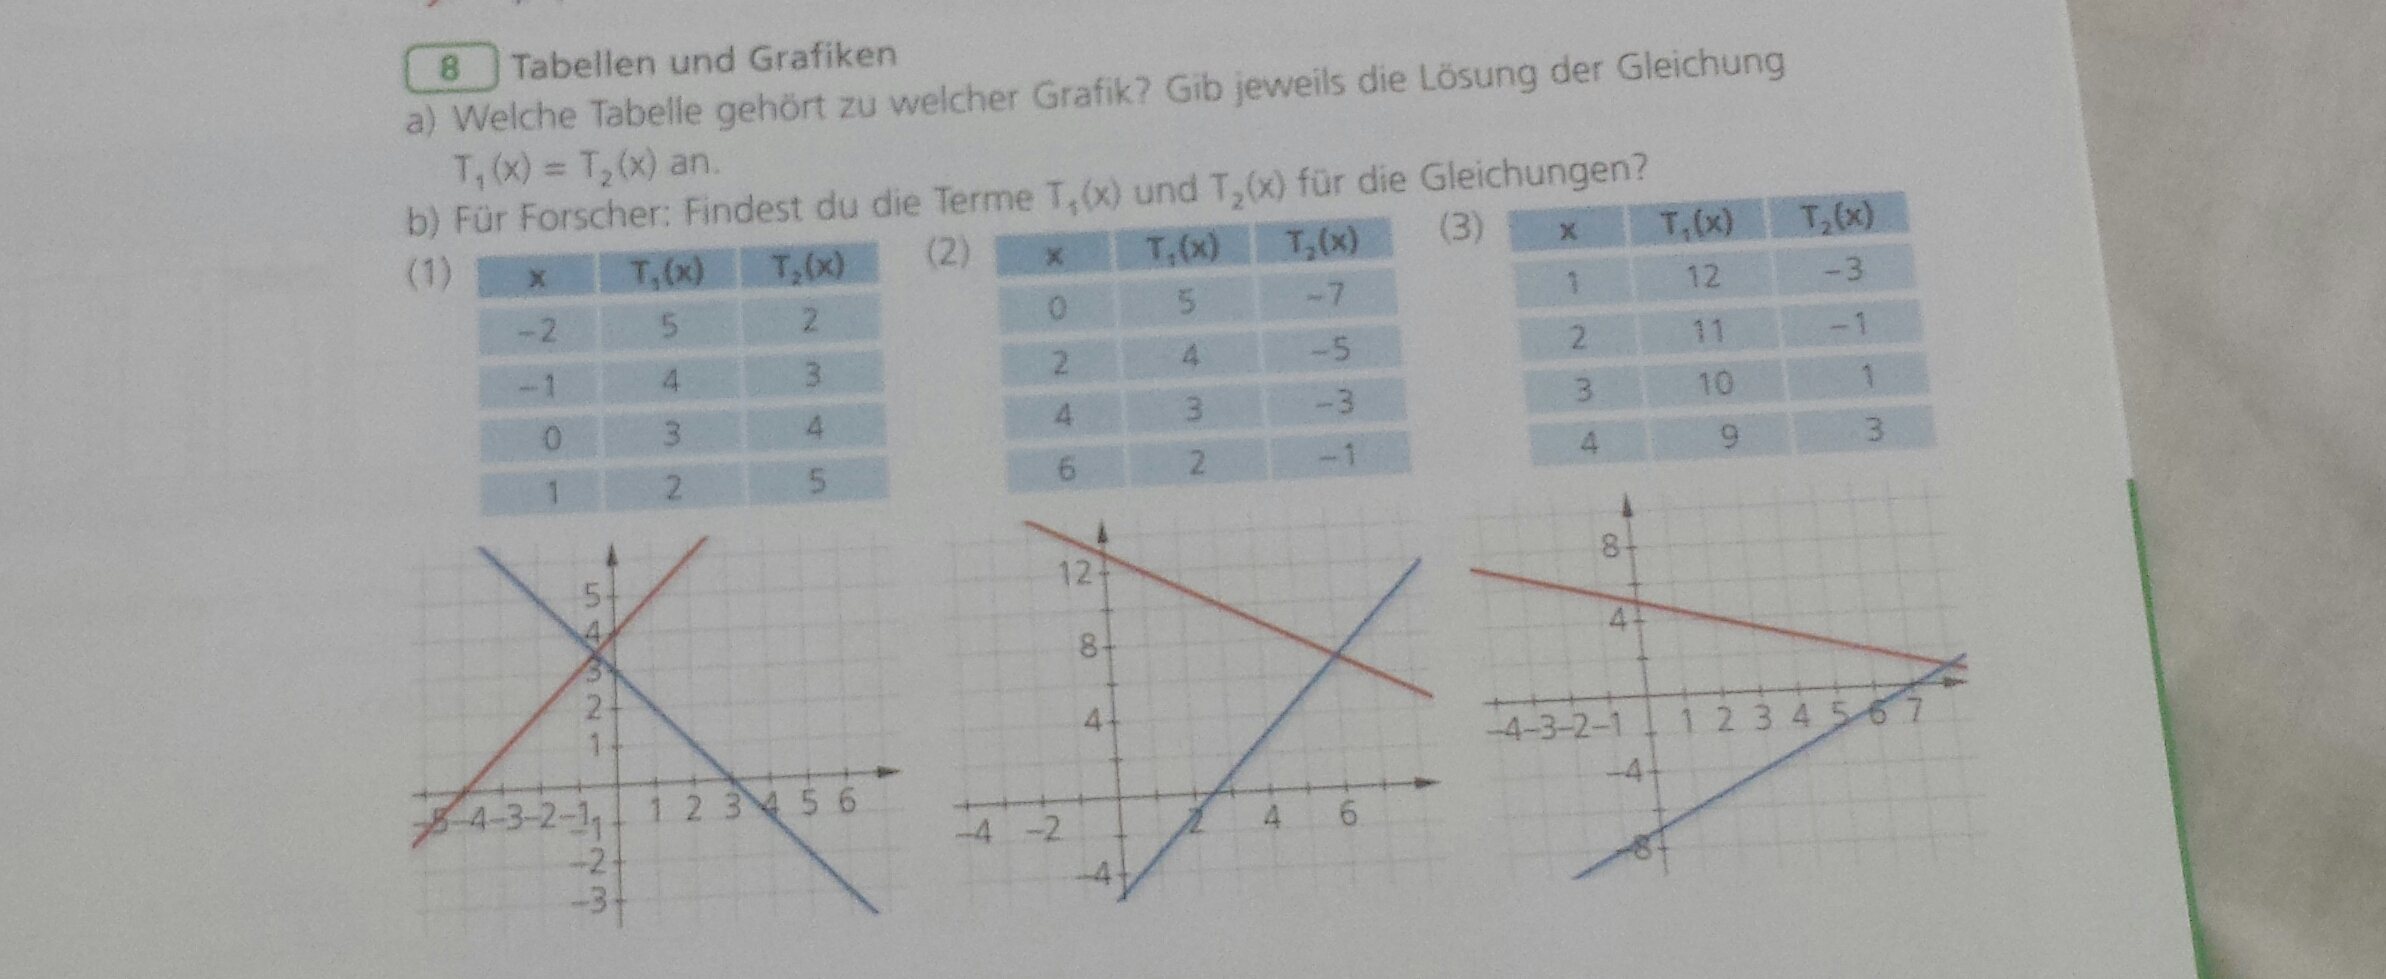 Mathematik neue Wege 8 seite 21 (Mathe, Hausaufgaben)